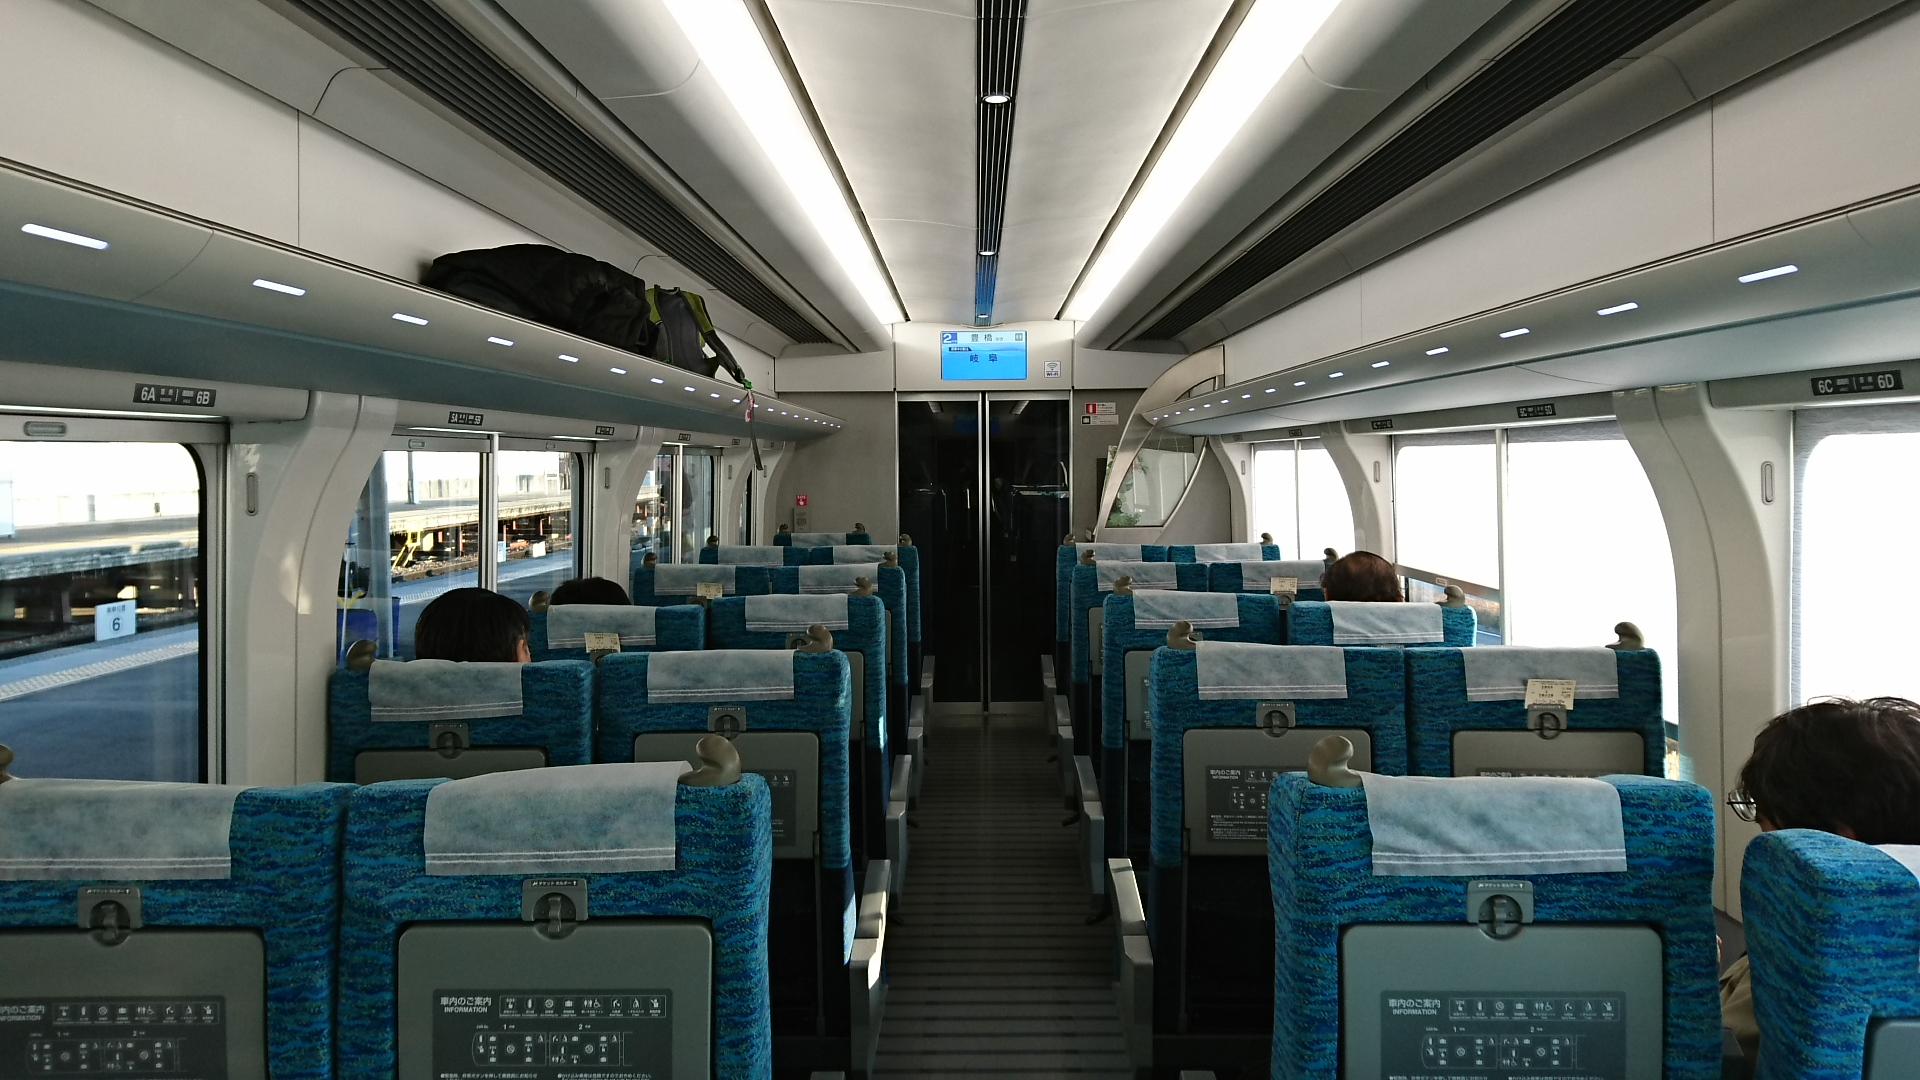 2017.1.3 岐阜から古井まで (7) 豊橋いき快速特急 - 岐阜 1920-1080